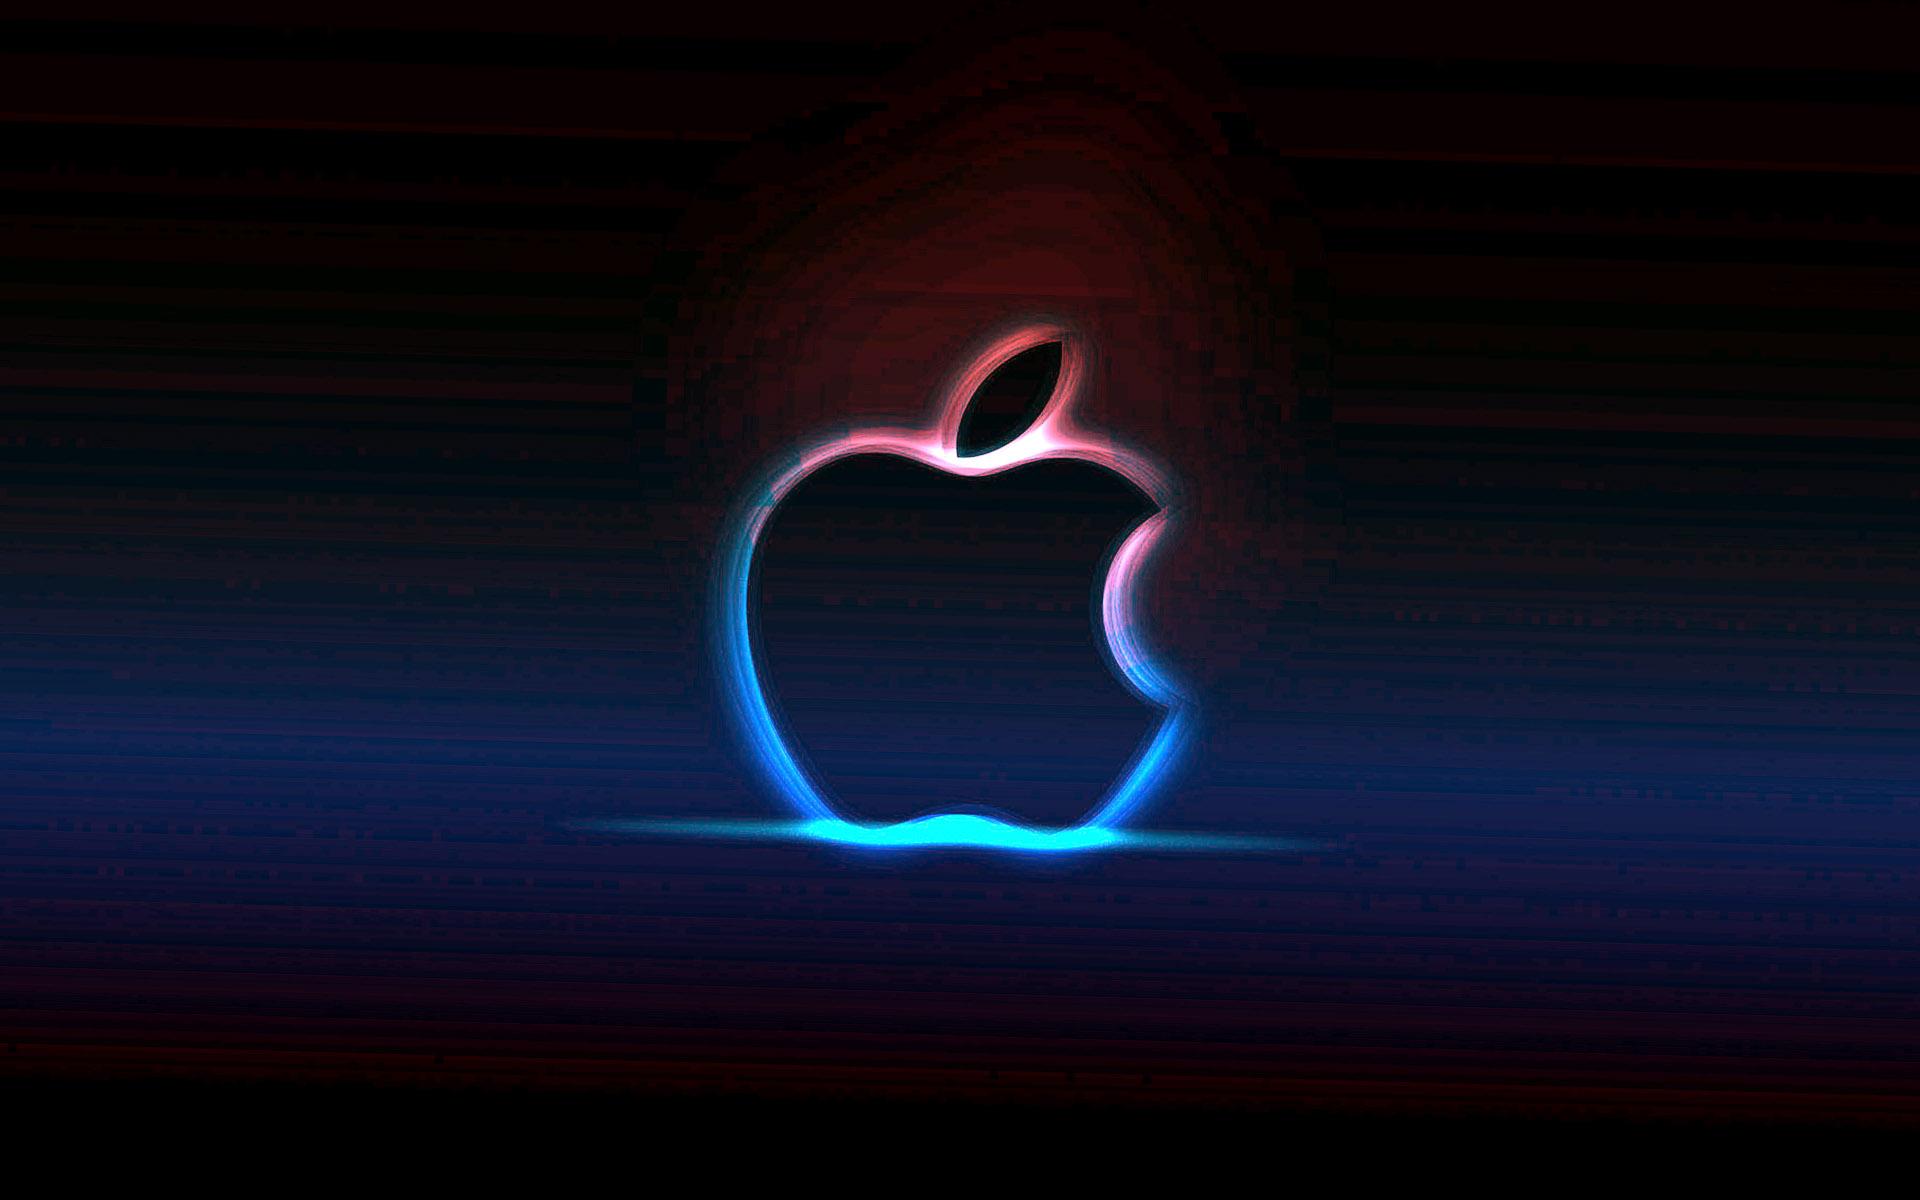 3d wallpaper for mac,light,neon,sky,heart,technology